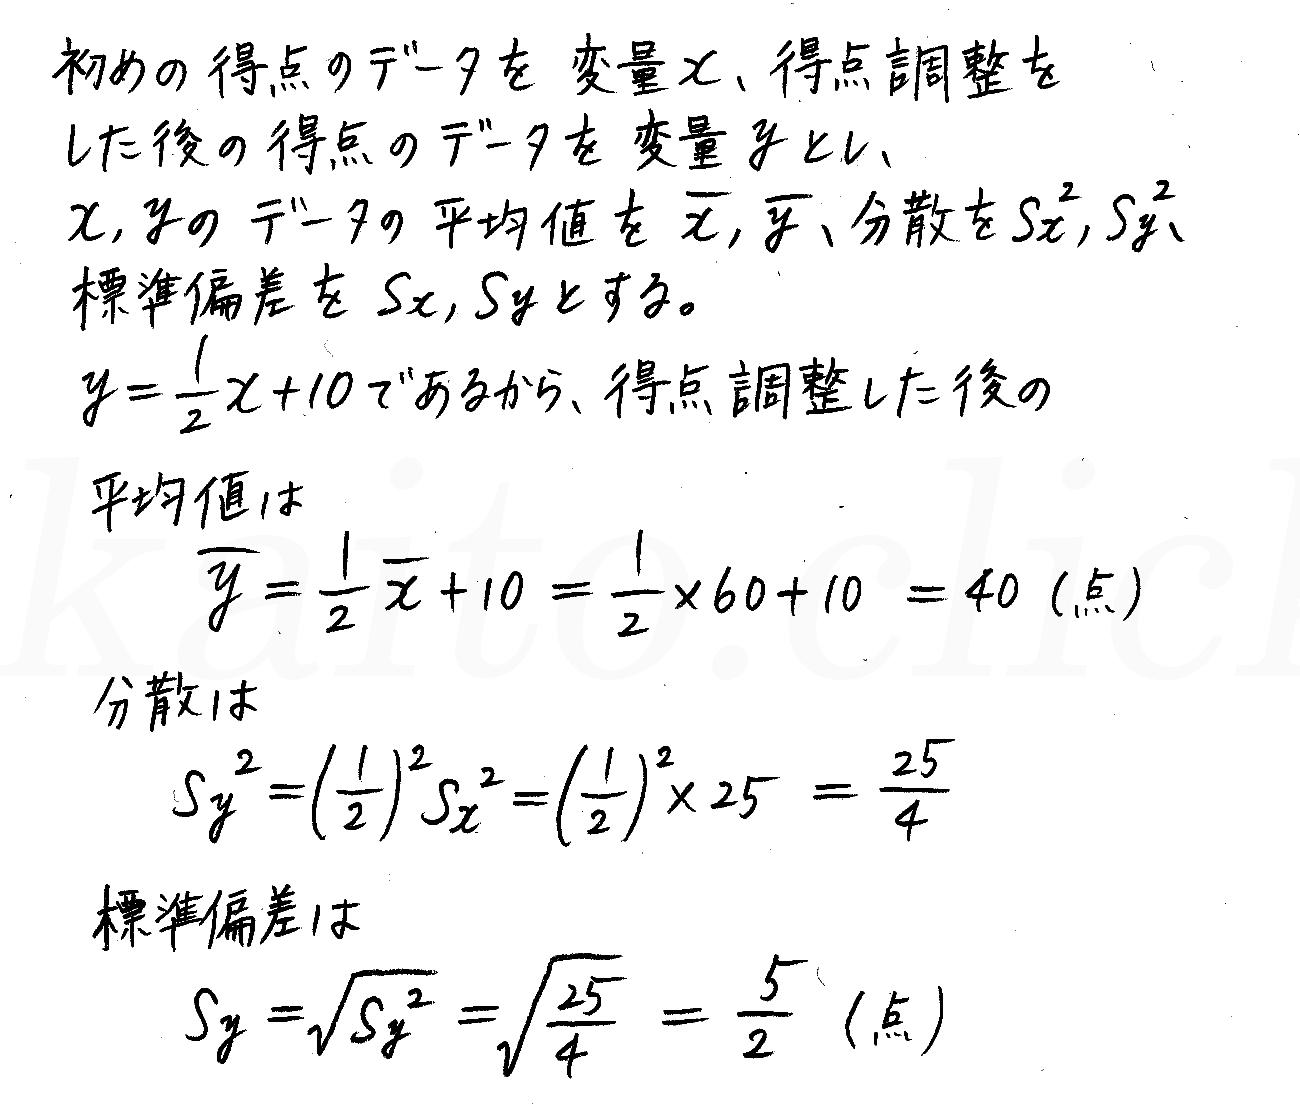 クリアー数学1-357解答